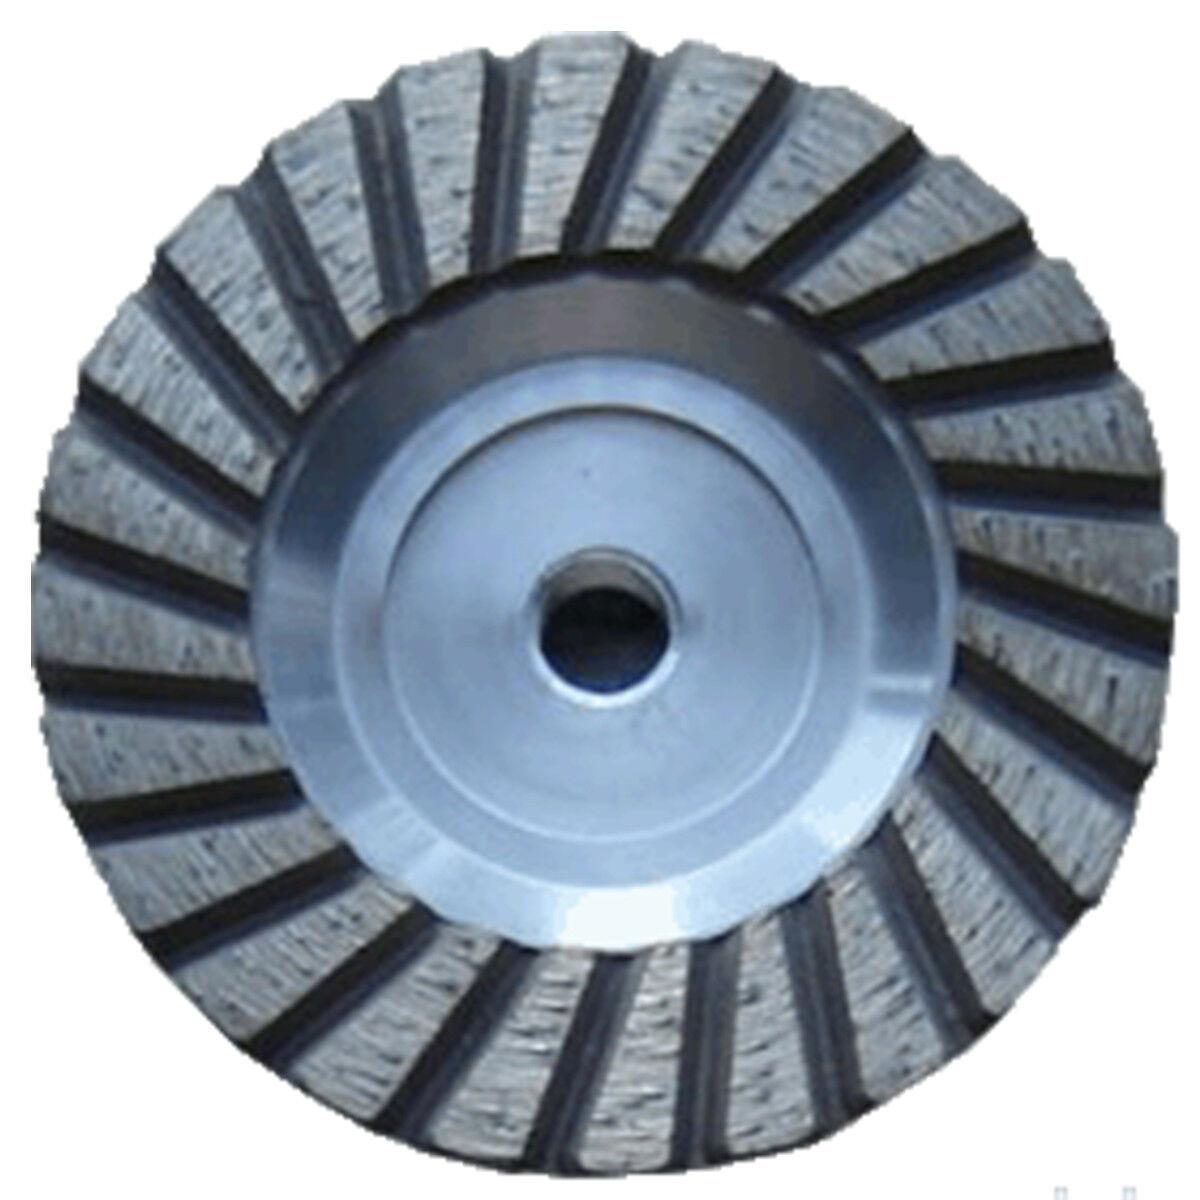 Mola a tazza cemento diamantata per granito cemento tazza Adi tools 609ff8